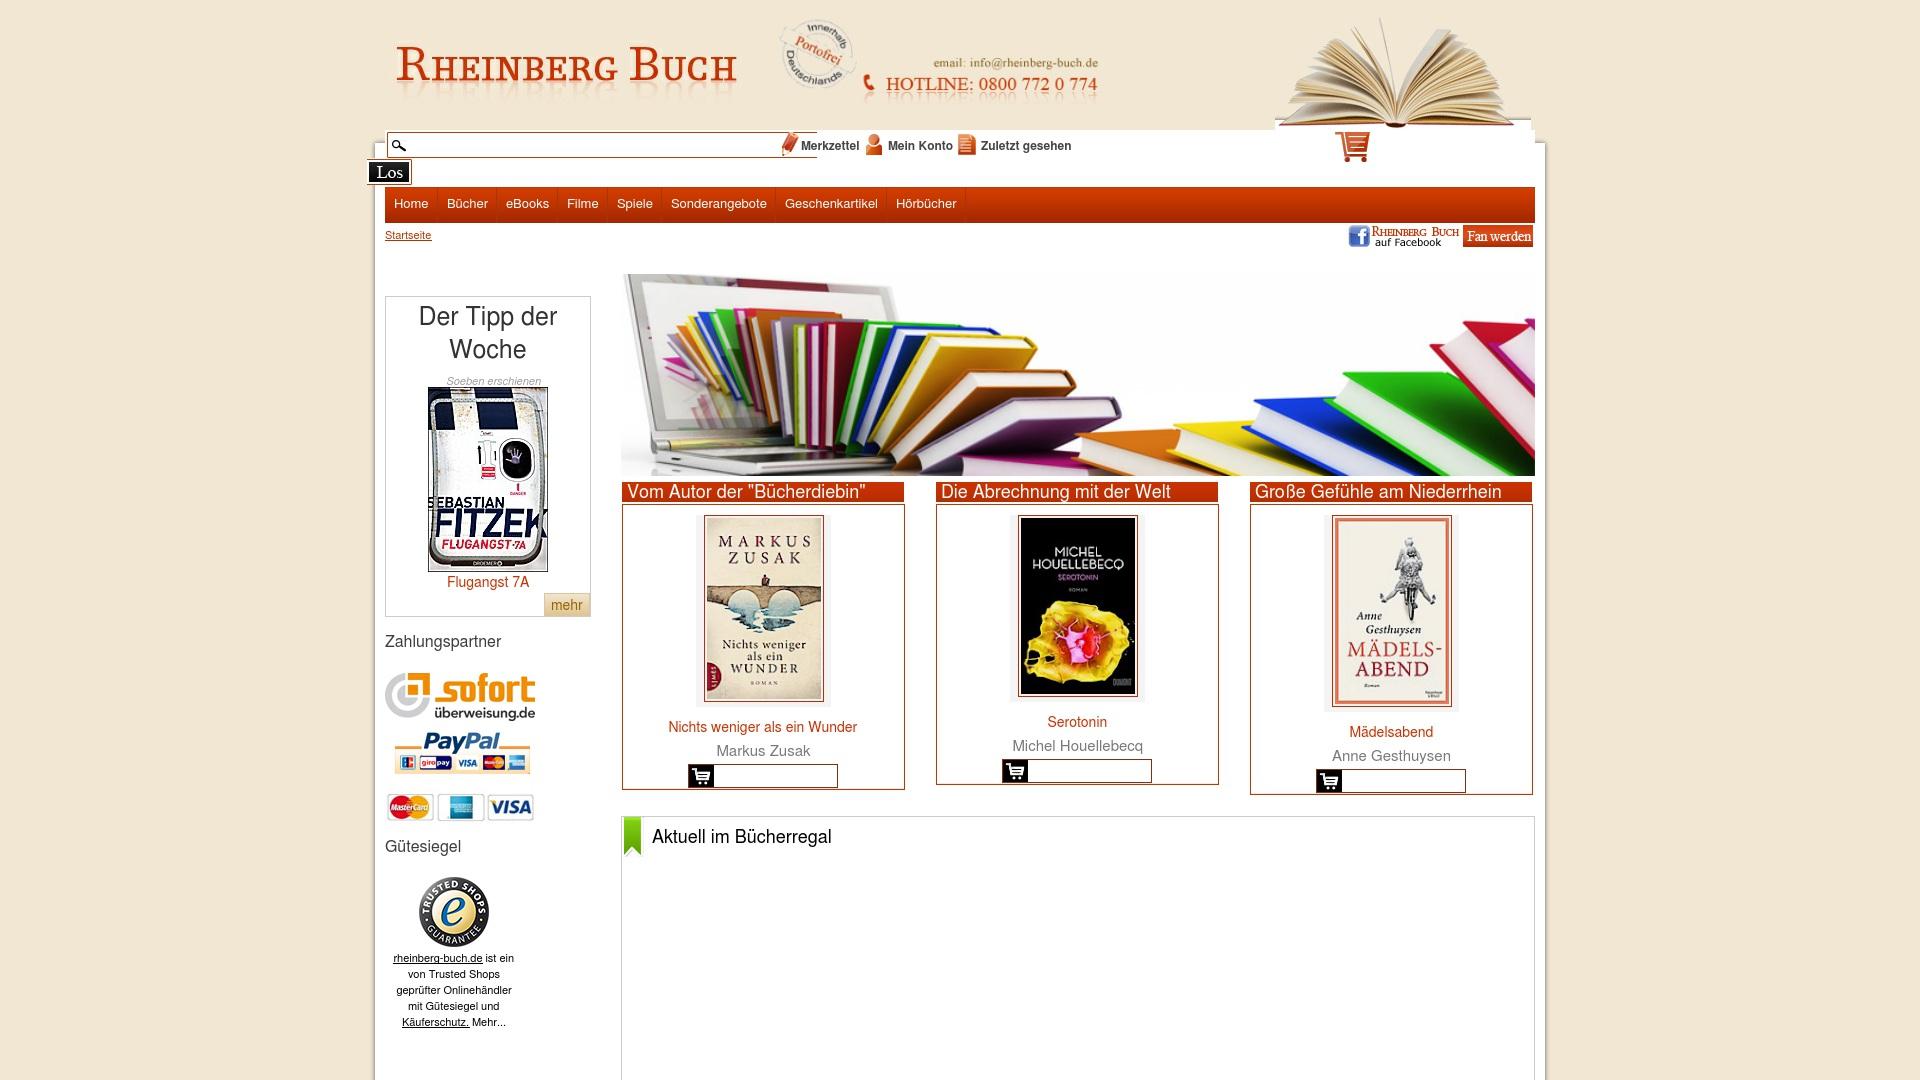 Gutschein für Rheinberg-buch: Rabatte für  Rheinberg-buch sichern